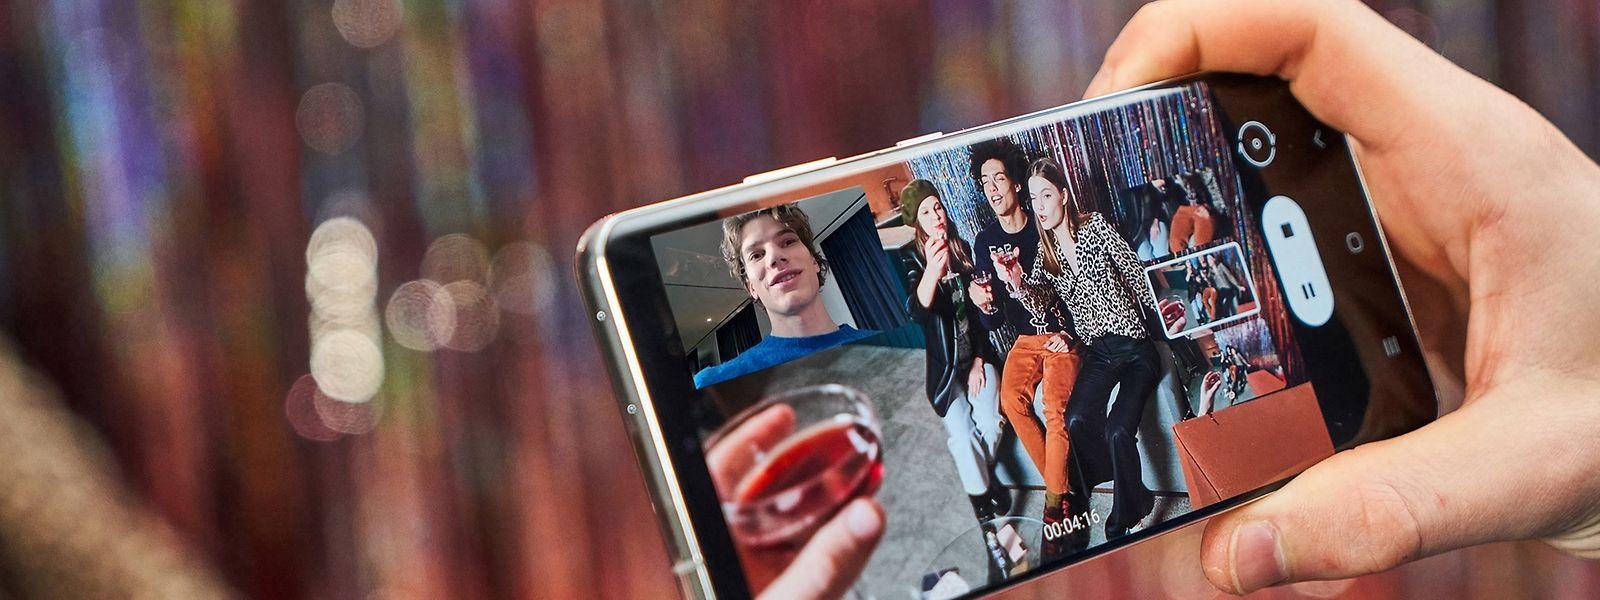 Früher als erwartet präsentieren die Koreaner die neuen Modelle: Bei Samsungs Galaxy-S21-Smartphones lassen sich die Bilder der Kameras kombinieren - zum Beispiel für Videos aus mehreren Perspektiven.